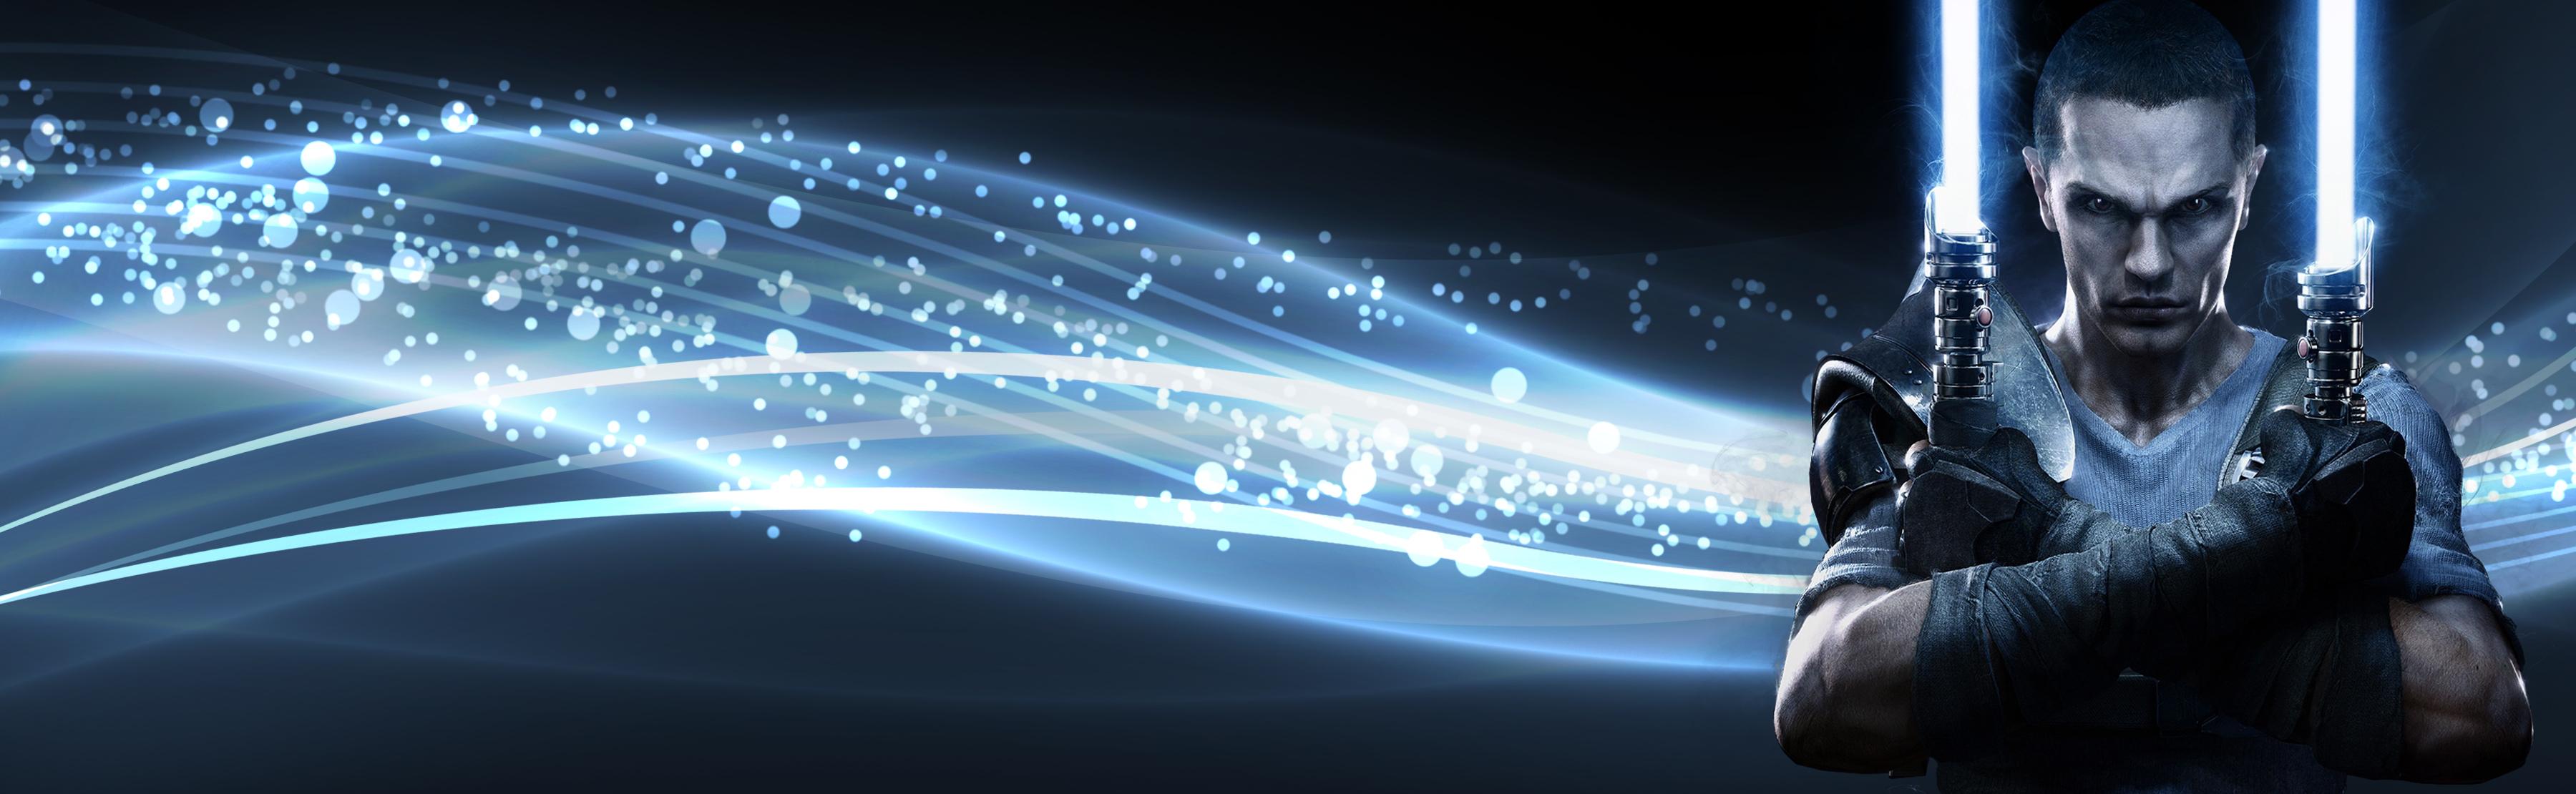 Скачать игры на Виндовс 8 через торрент  бесплатно и без